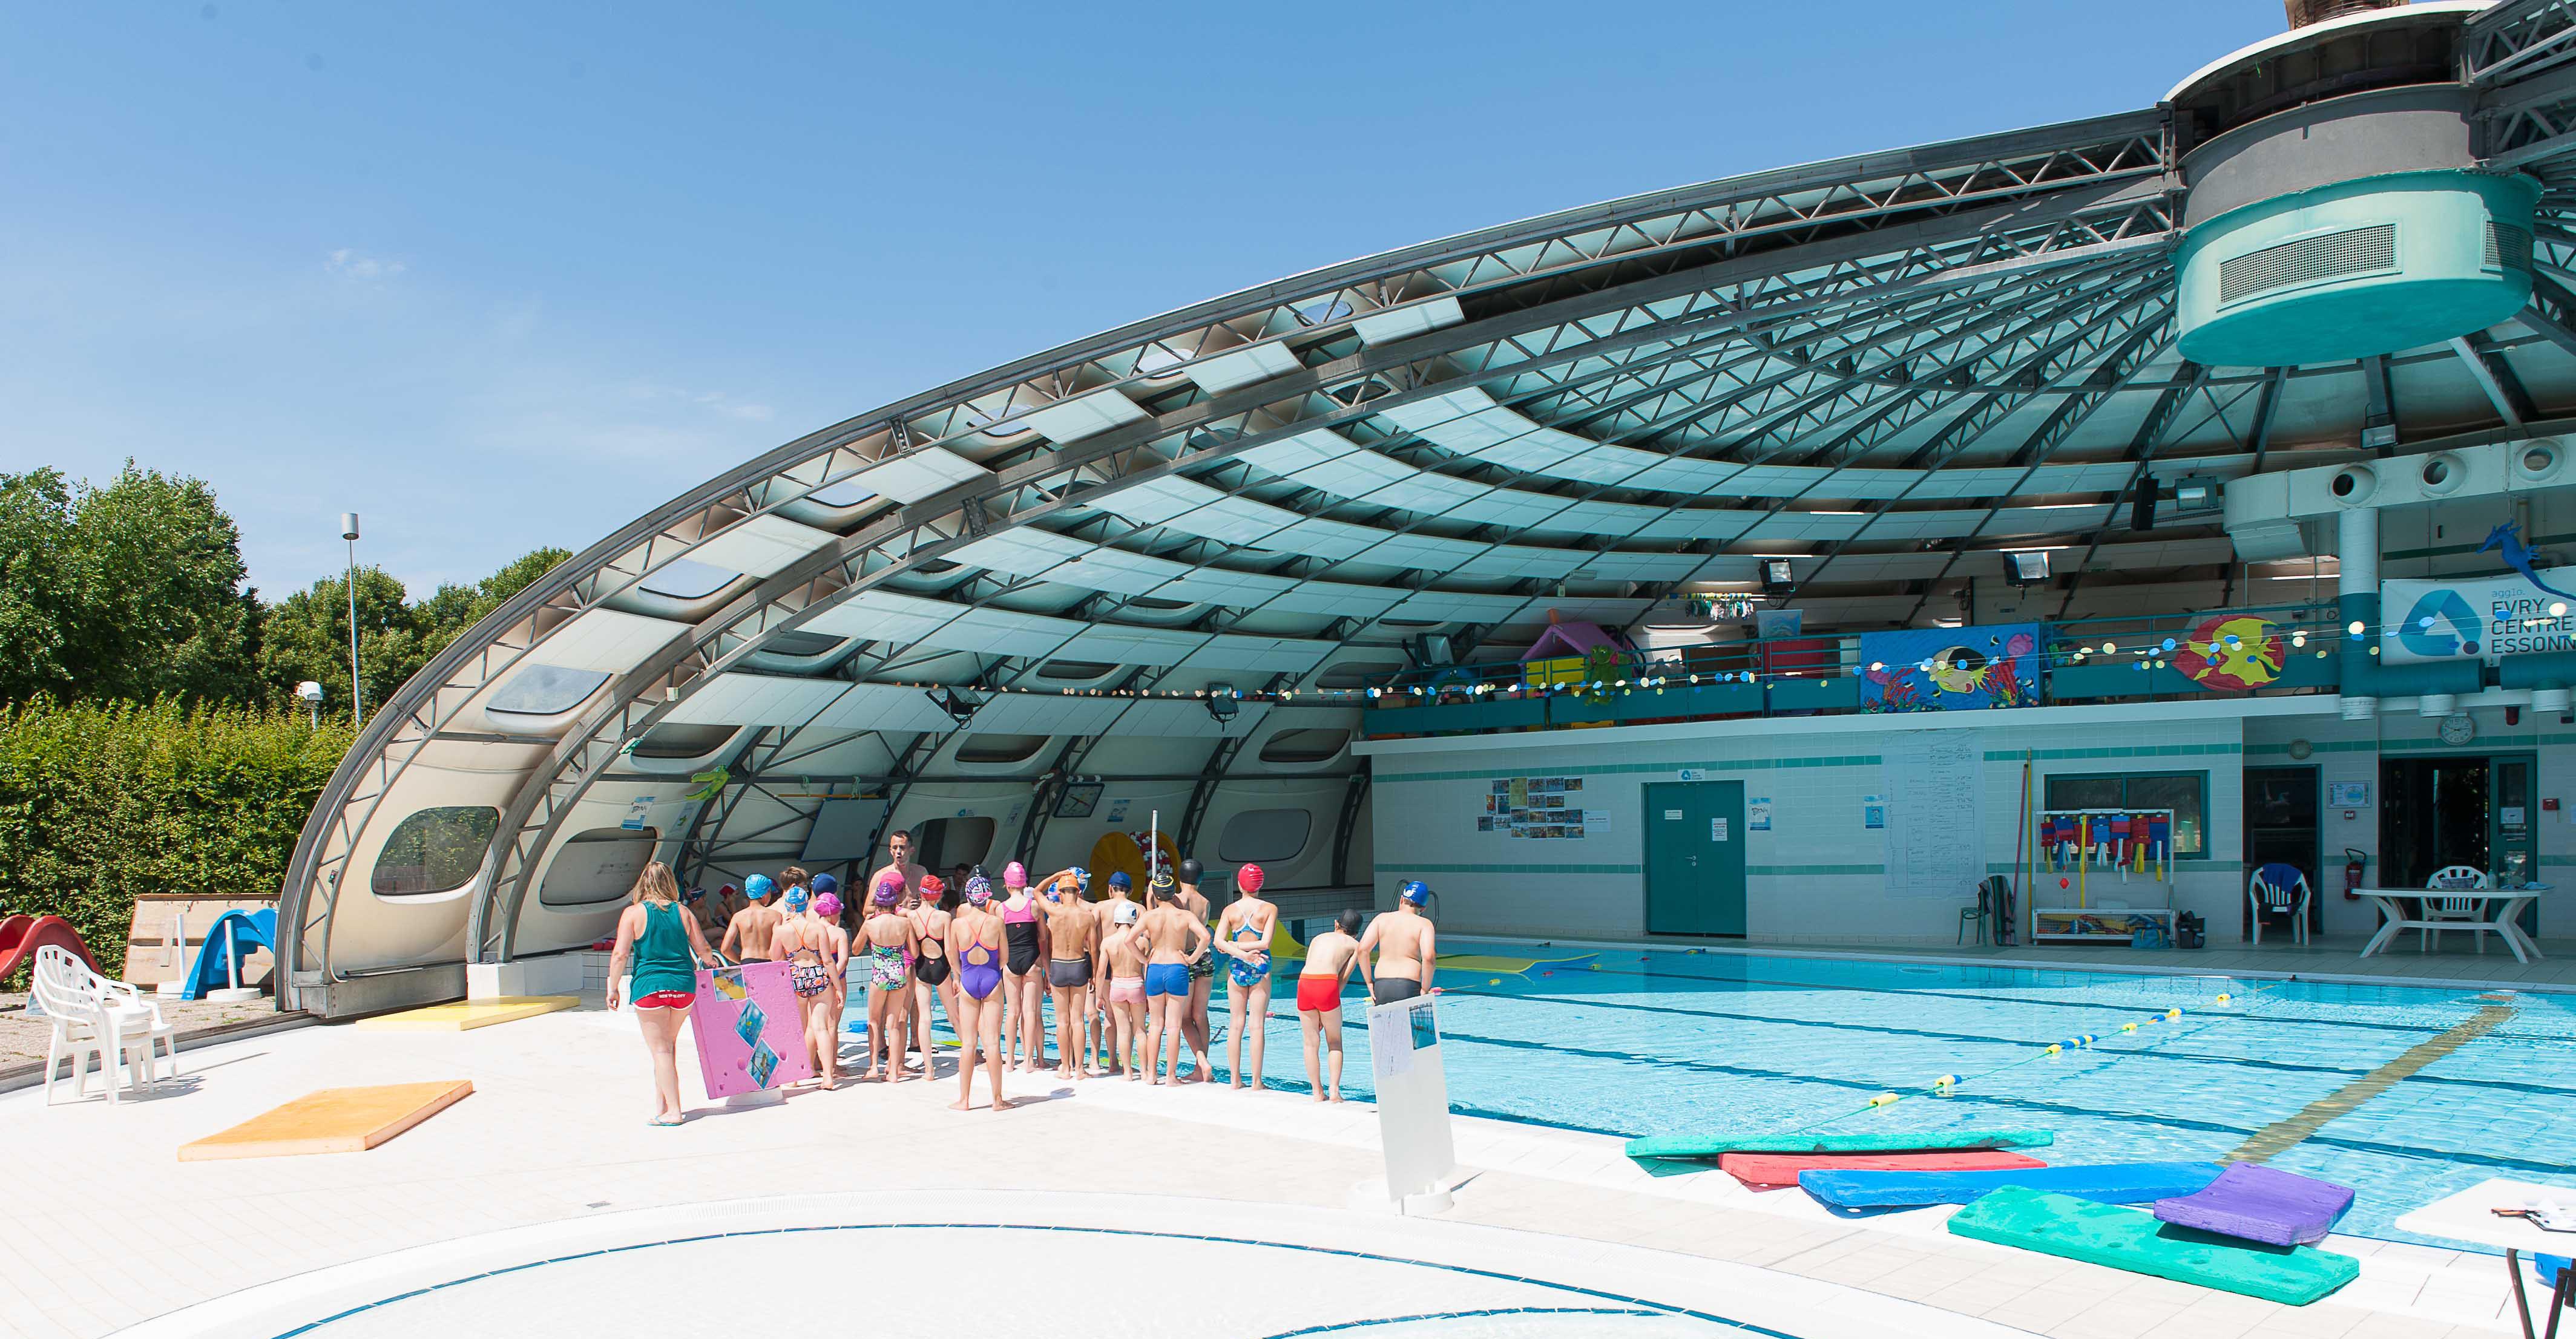 Nouveau piscine pour femme essonne 2018 piscine for Piscine athis mons